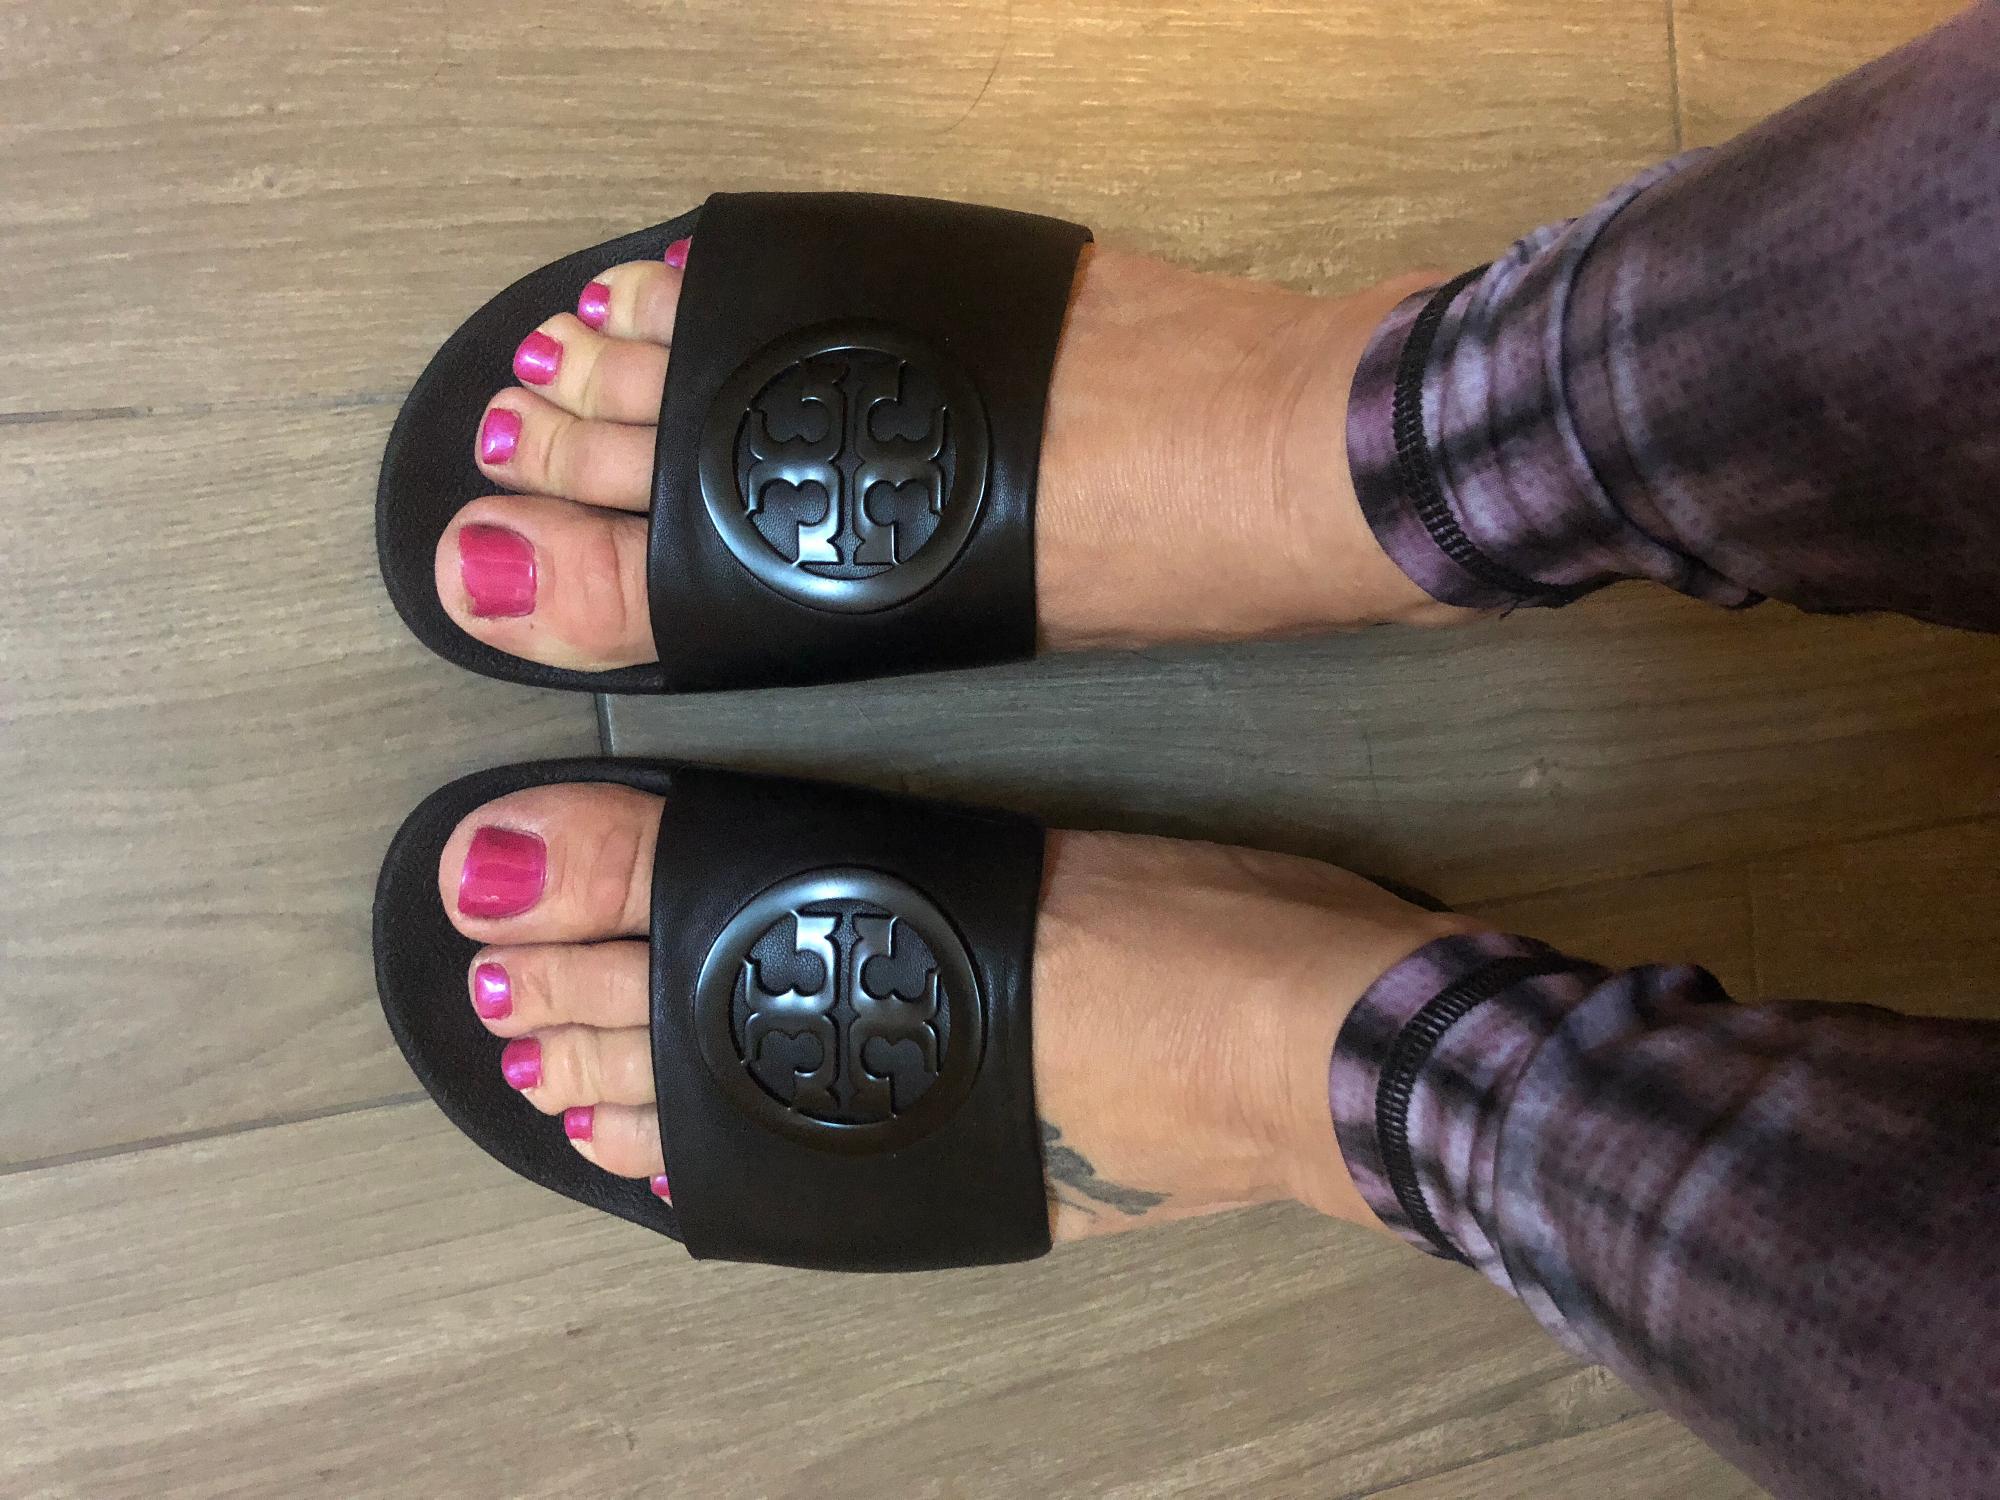 8a8c1b607291 Tory Burch Lina Slide Sandal at Zappos.com